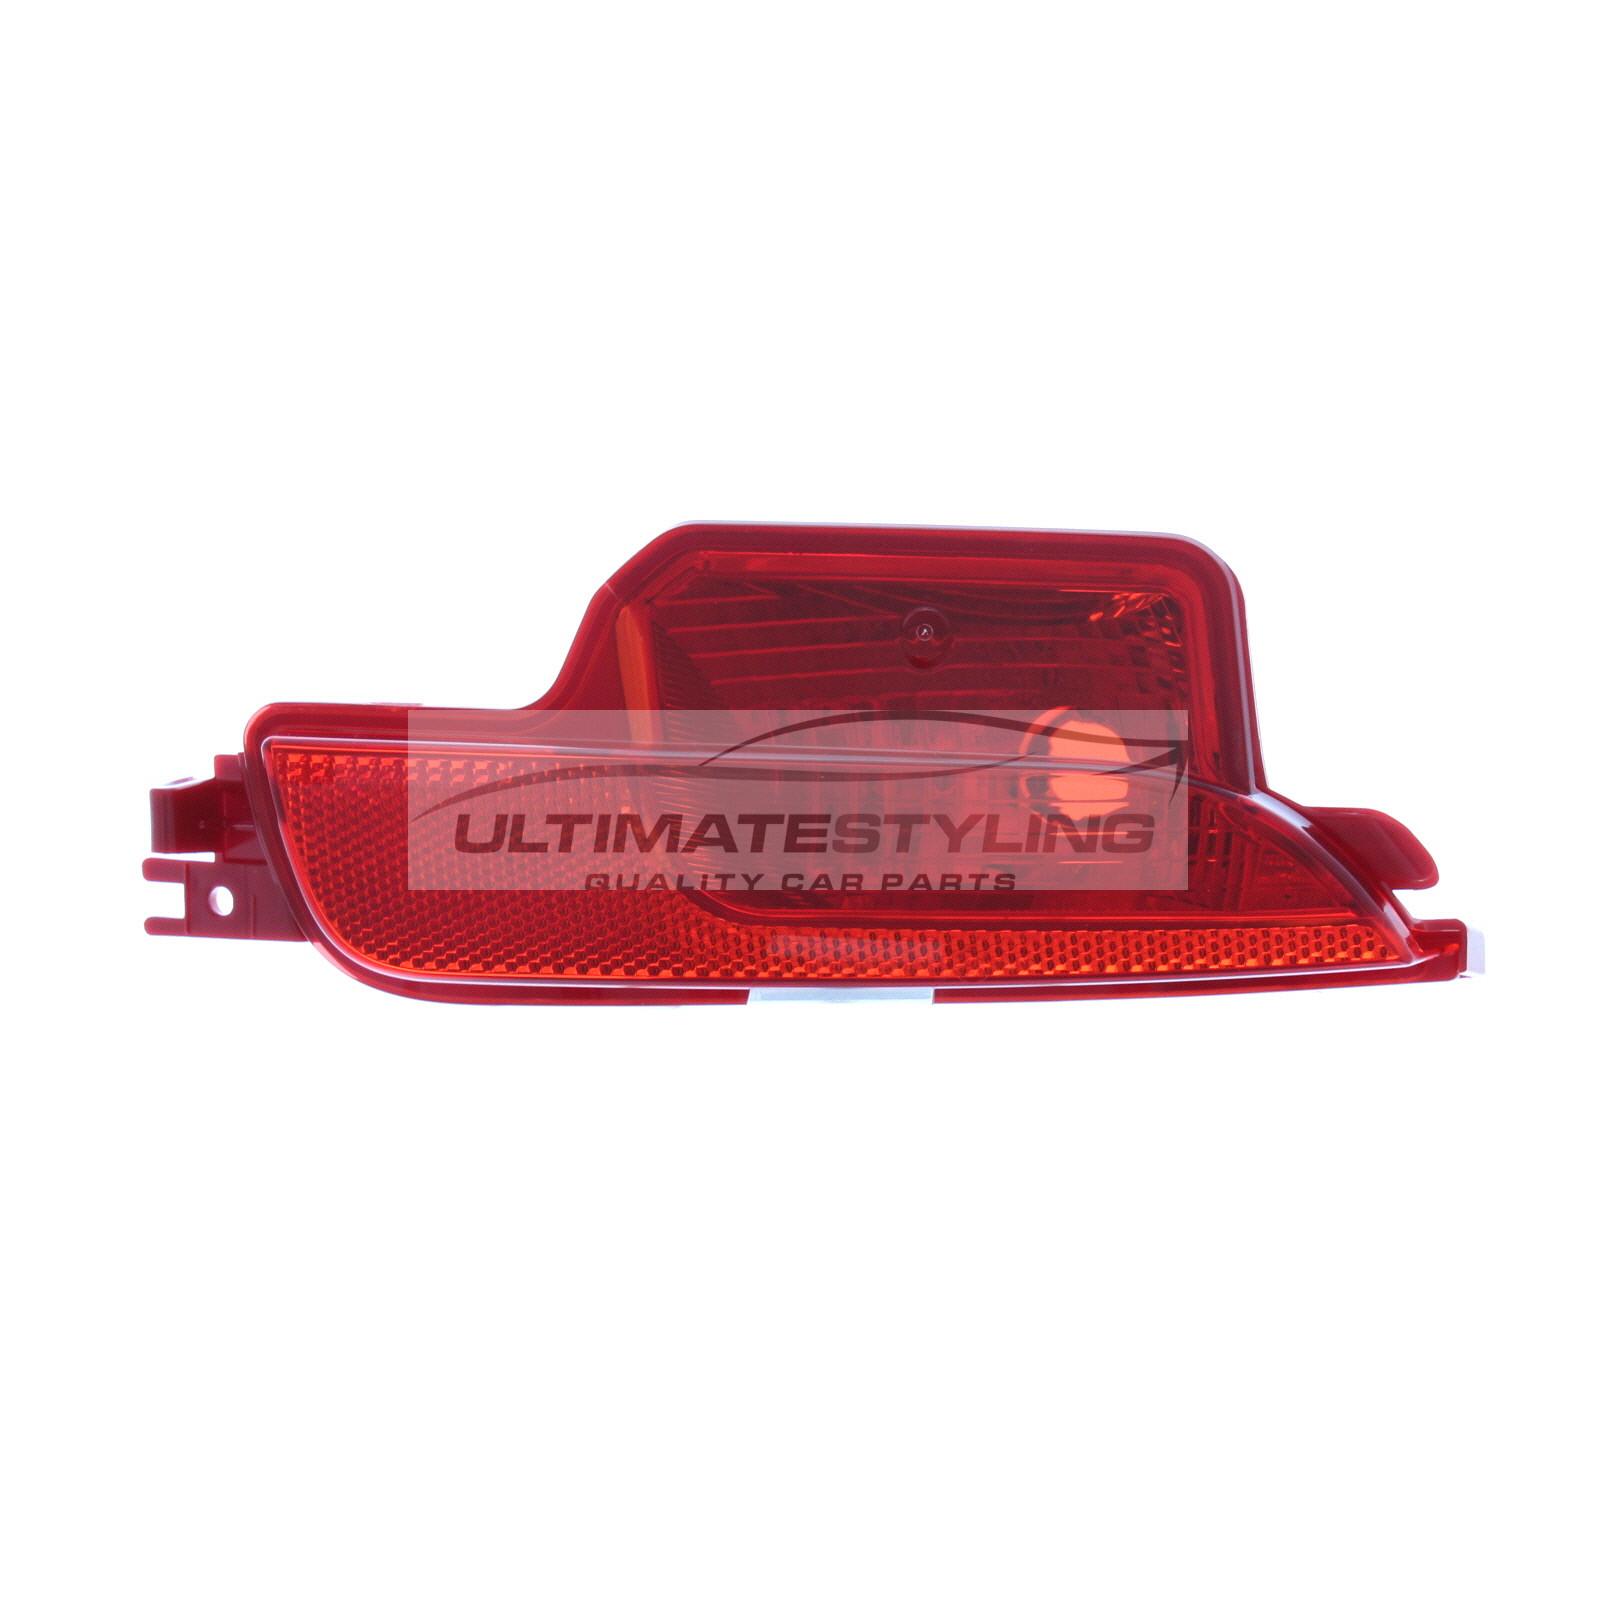 Abarth 500 / 595 / 695, Fiat 500 Rear Fog Light - Drivers Side (RH)